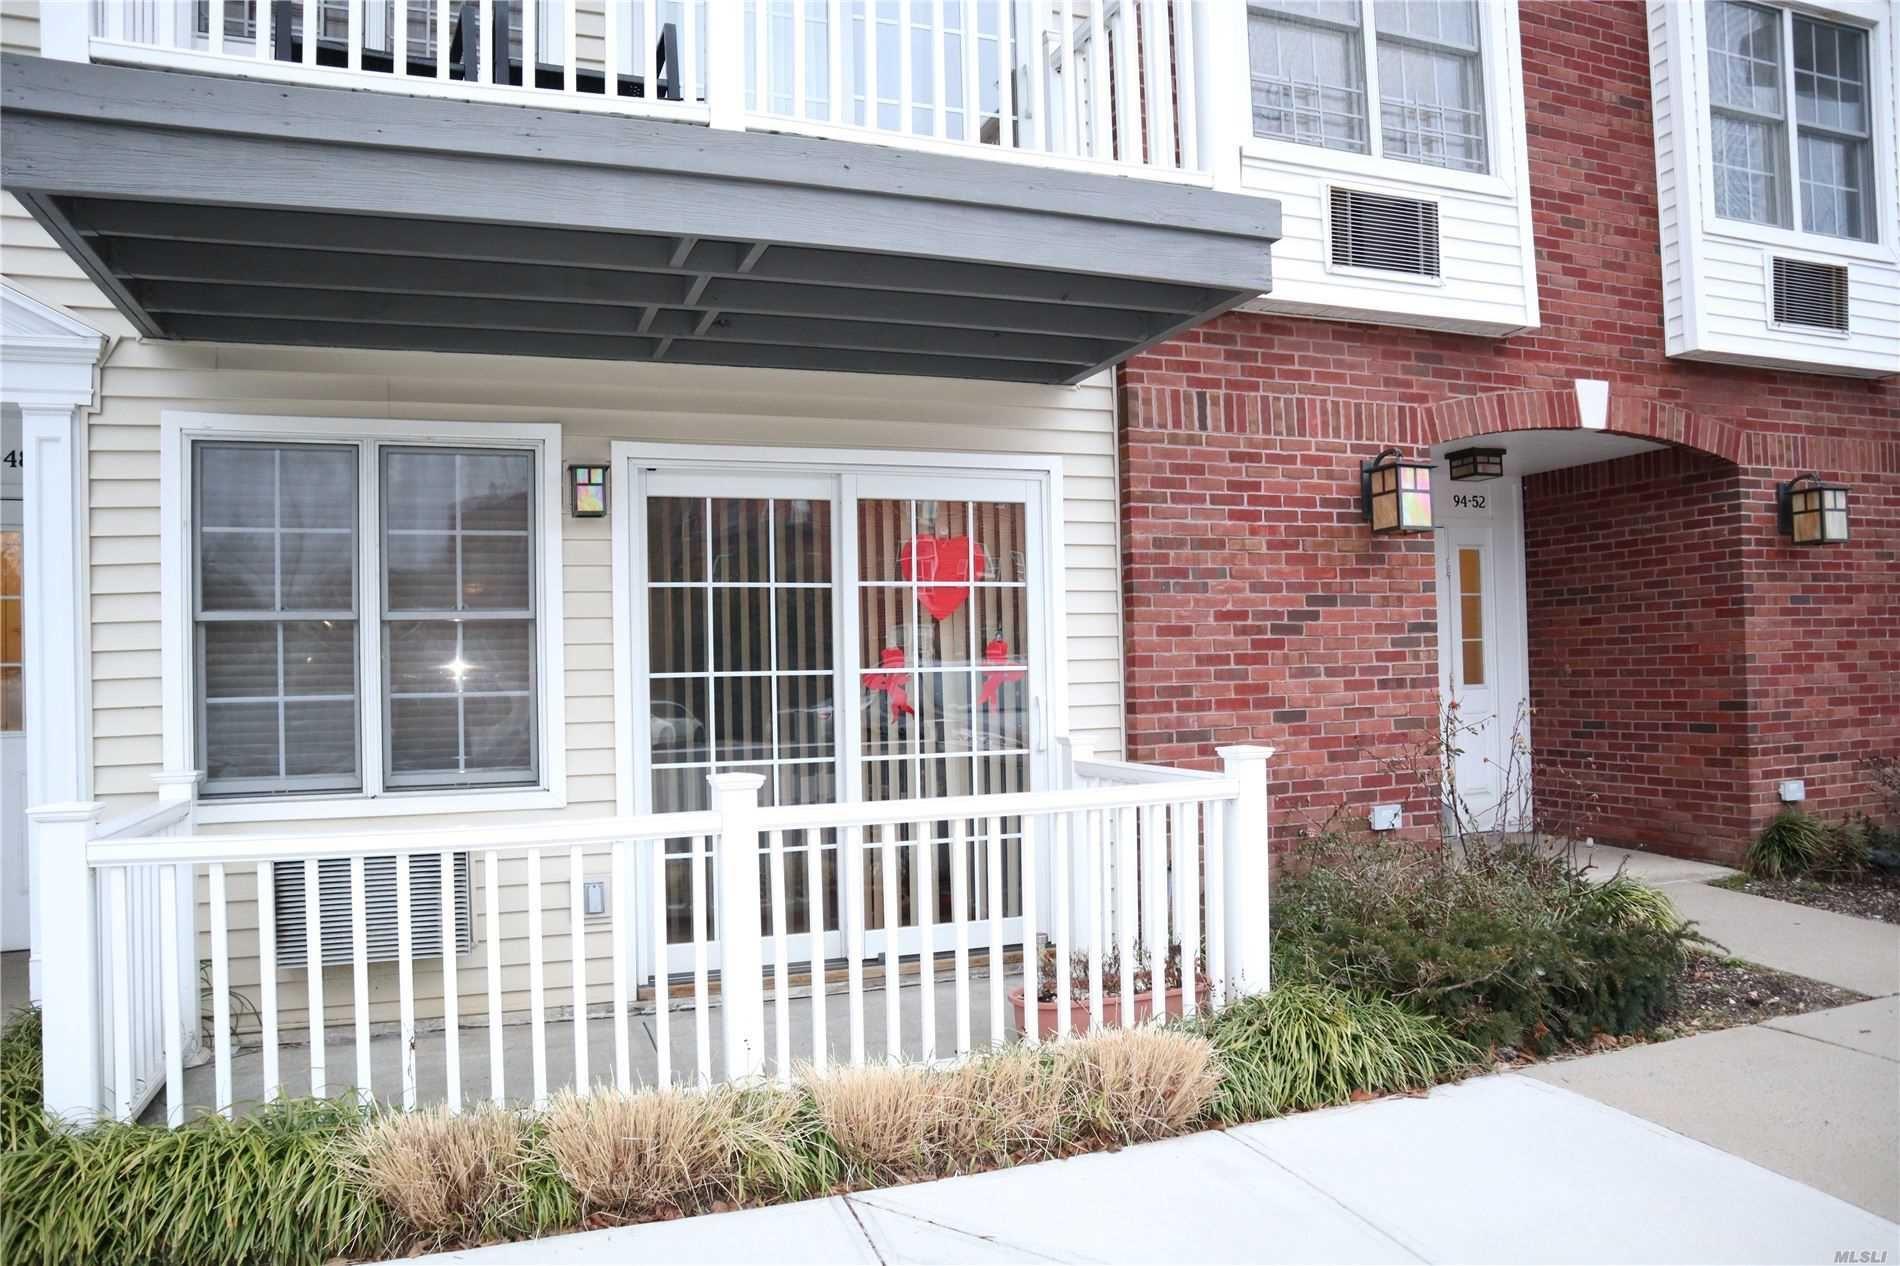 94-50 Magnolia Ct, Ozone Park, NY 11417 - MLS#: 3213196